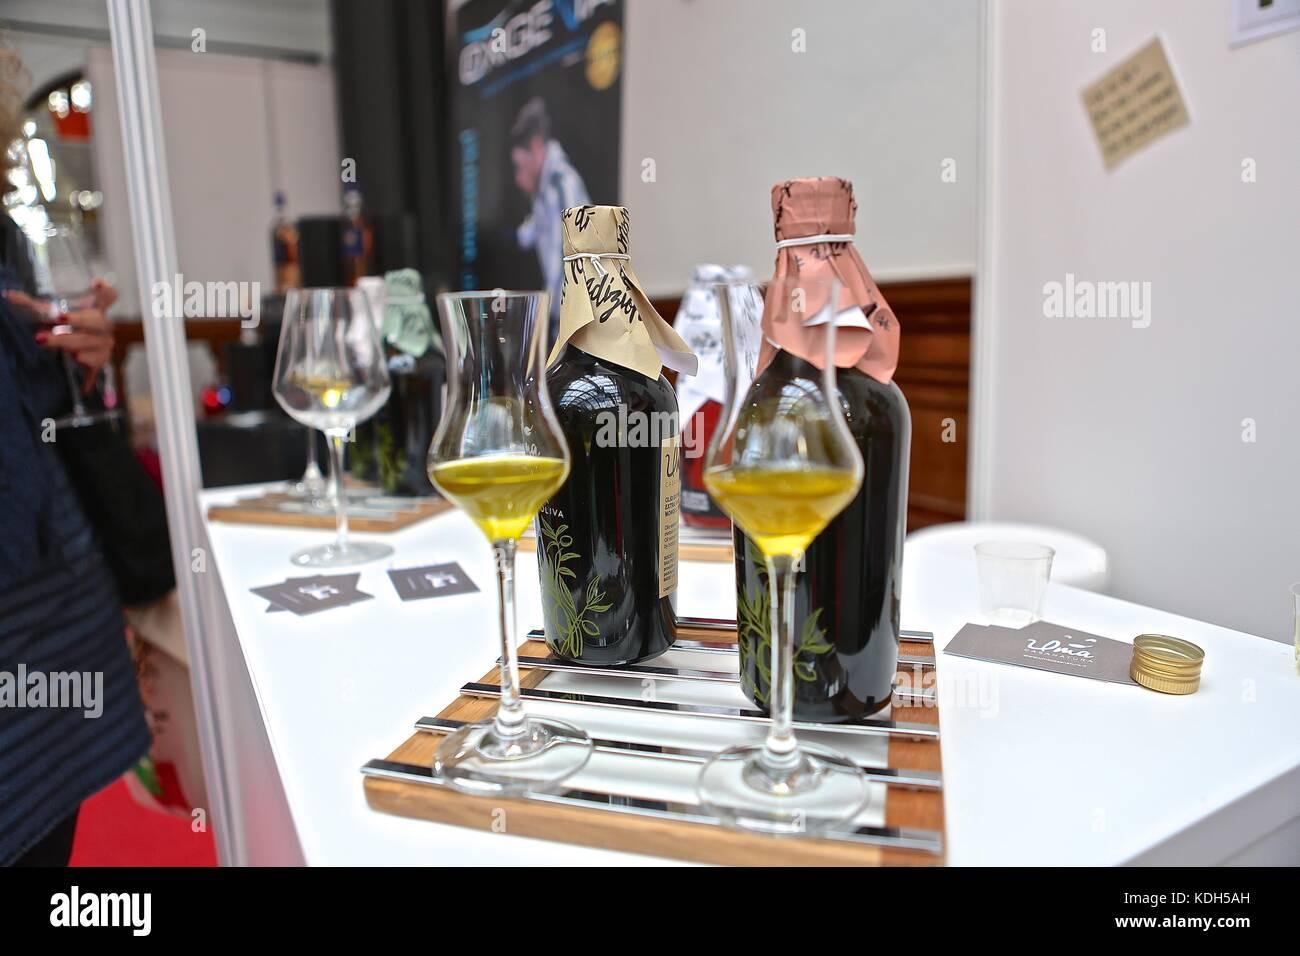 Benvenuti Italia 2017 Camera di Commercio Italiana nel Regno Unito . Cibi italiani vini oli d' oliva e caffè Immagini Stock